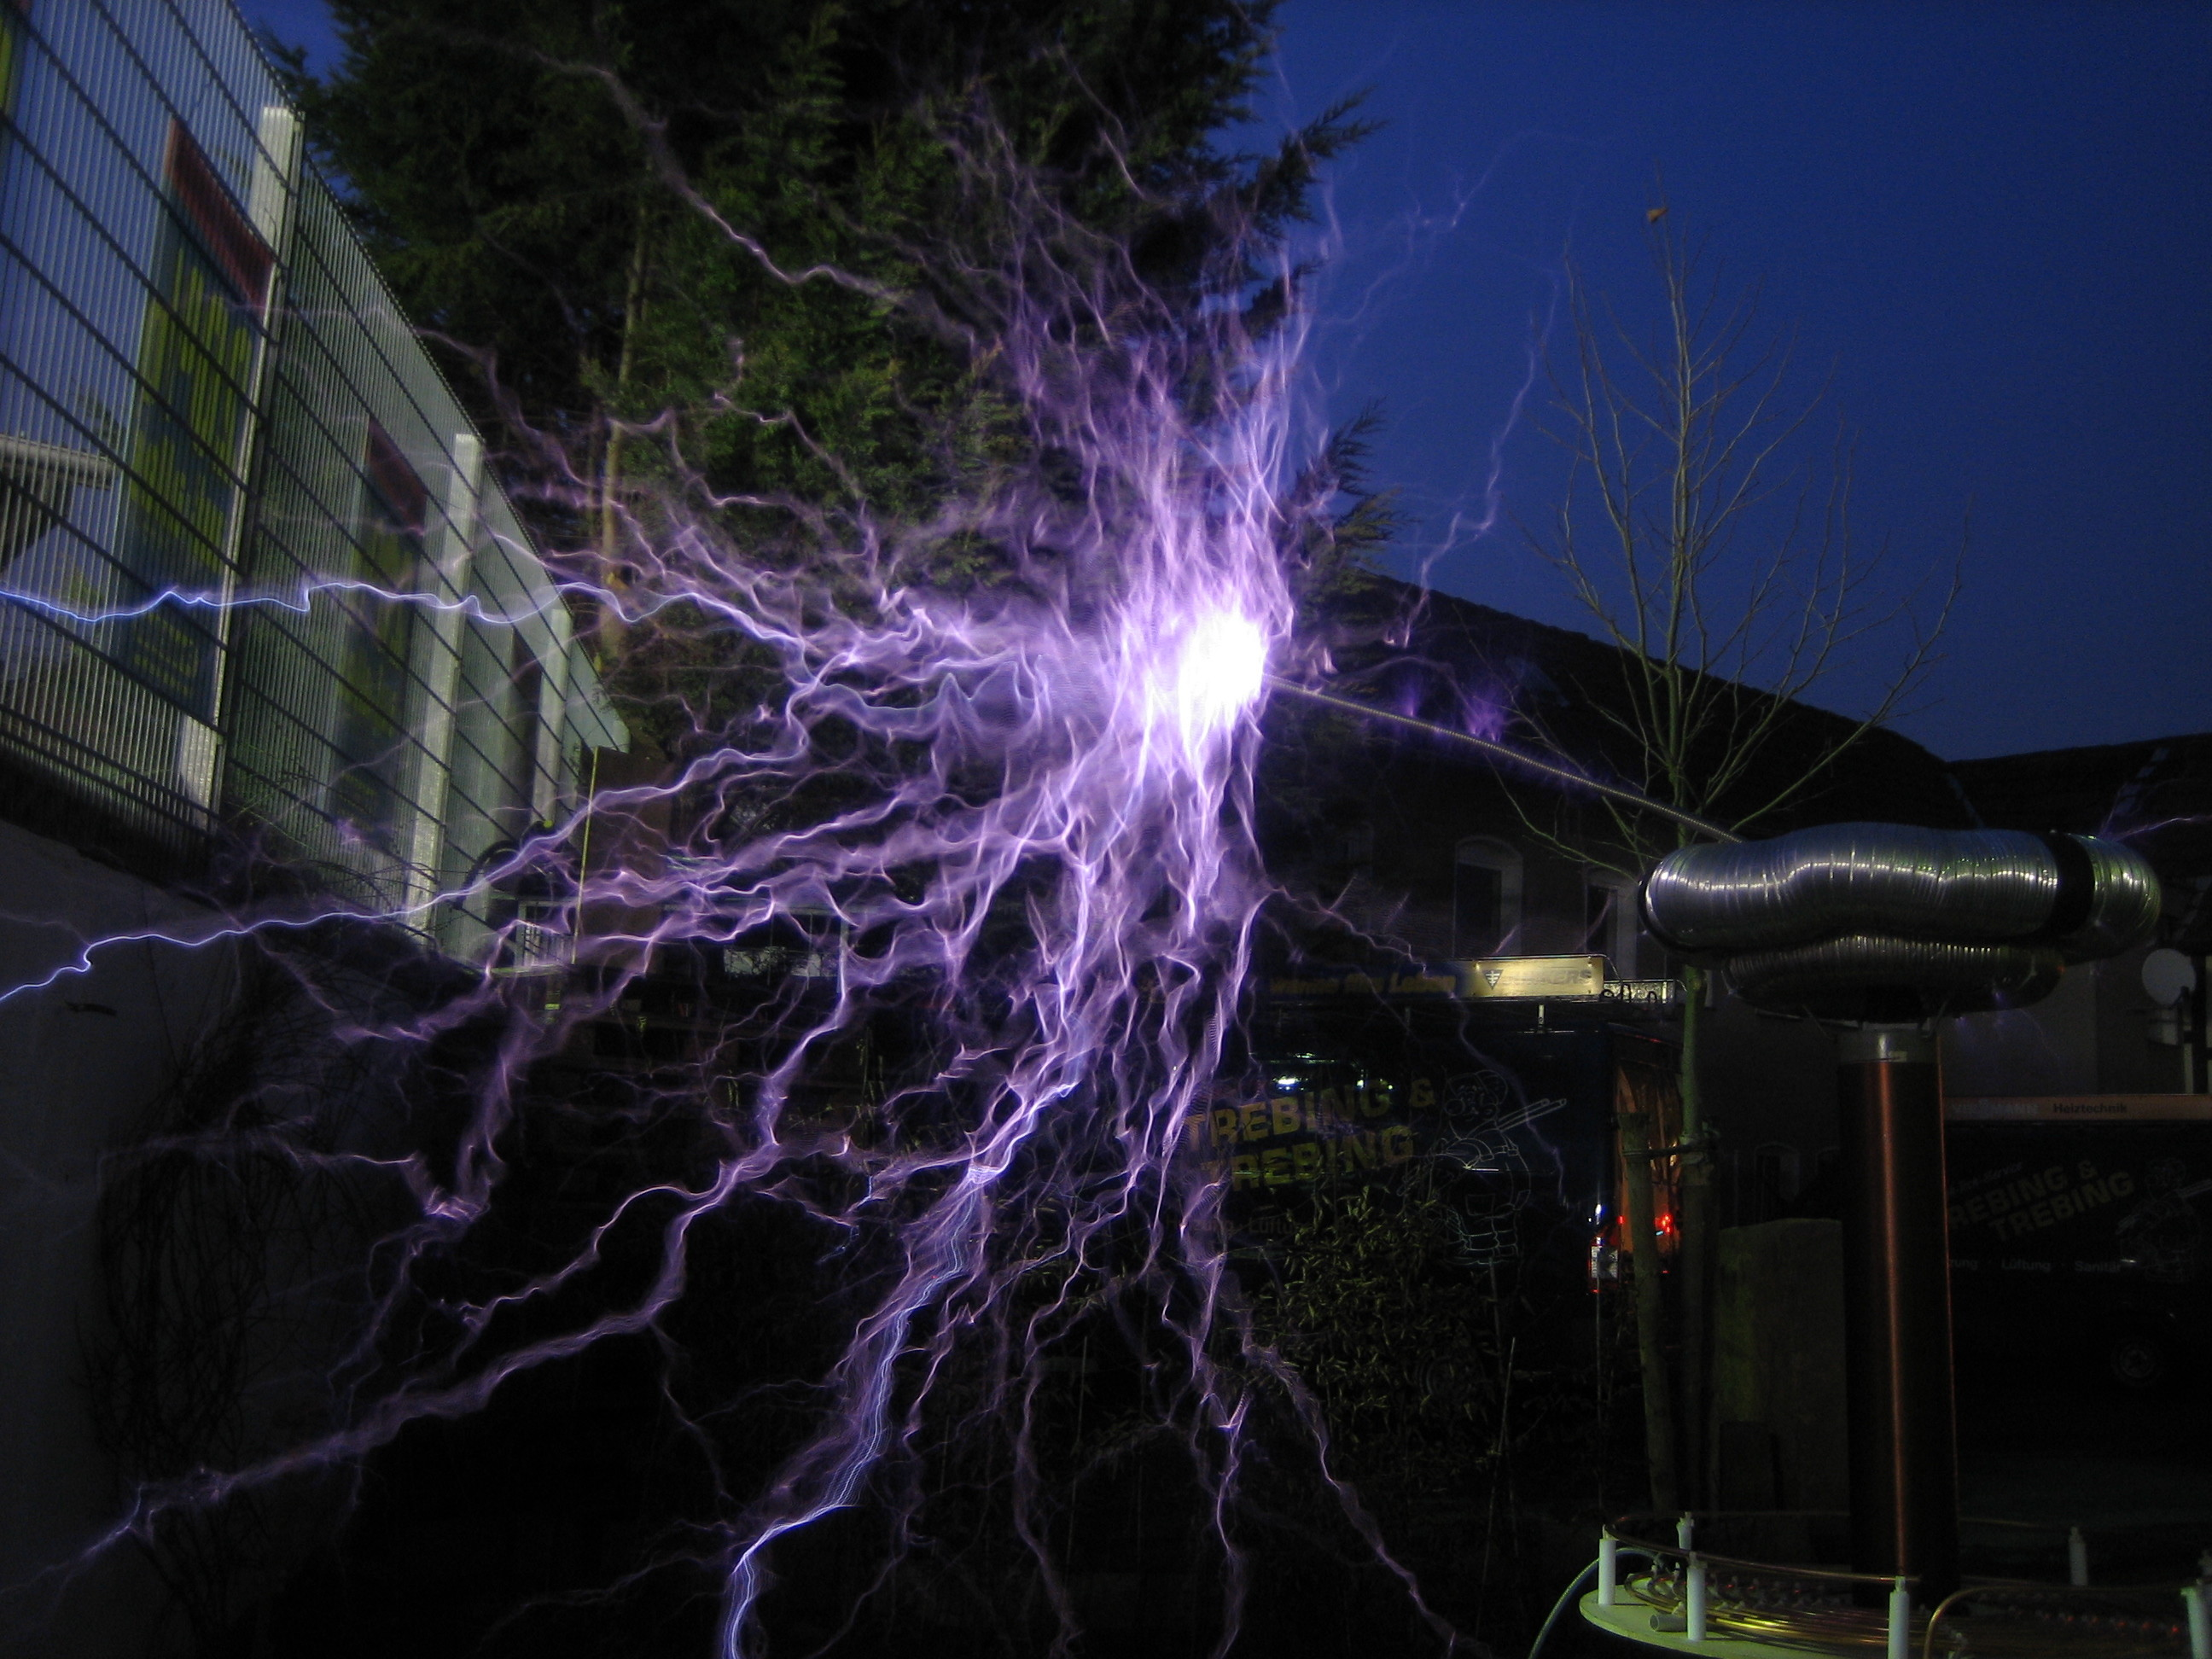 File:Tesla Coil 20mm electrode.JPG